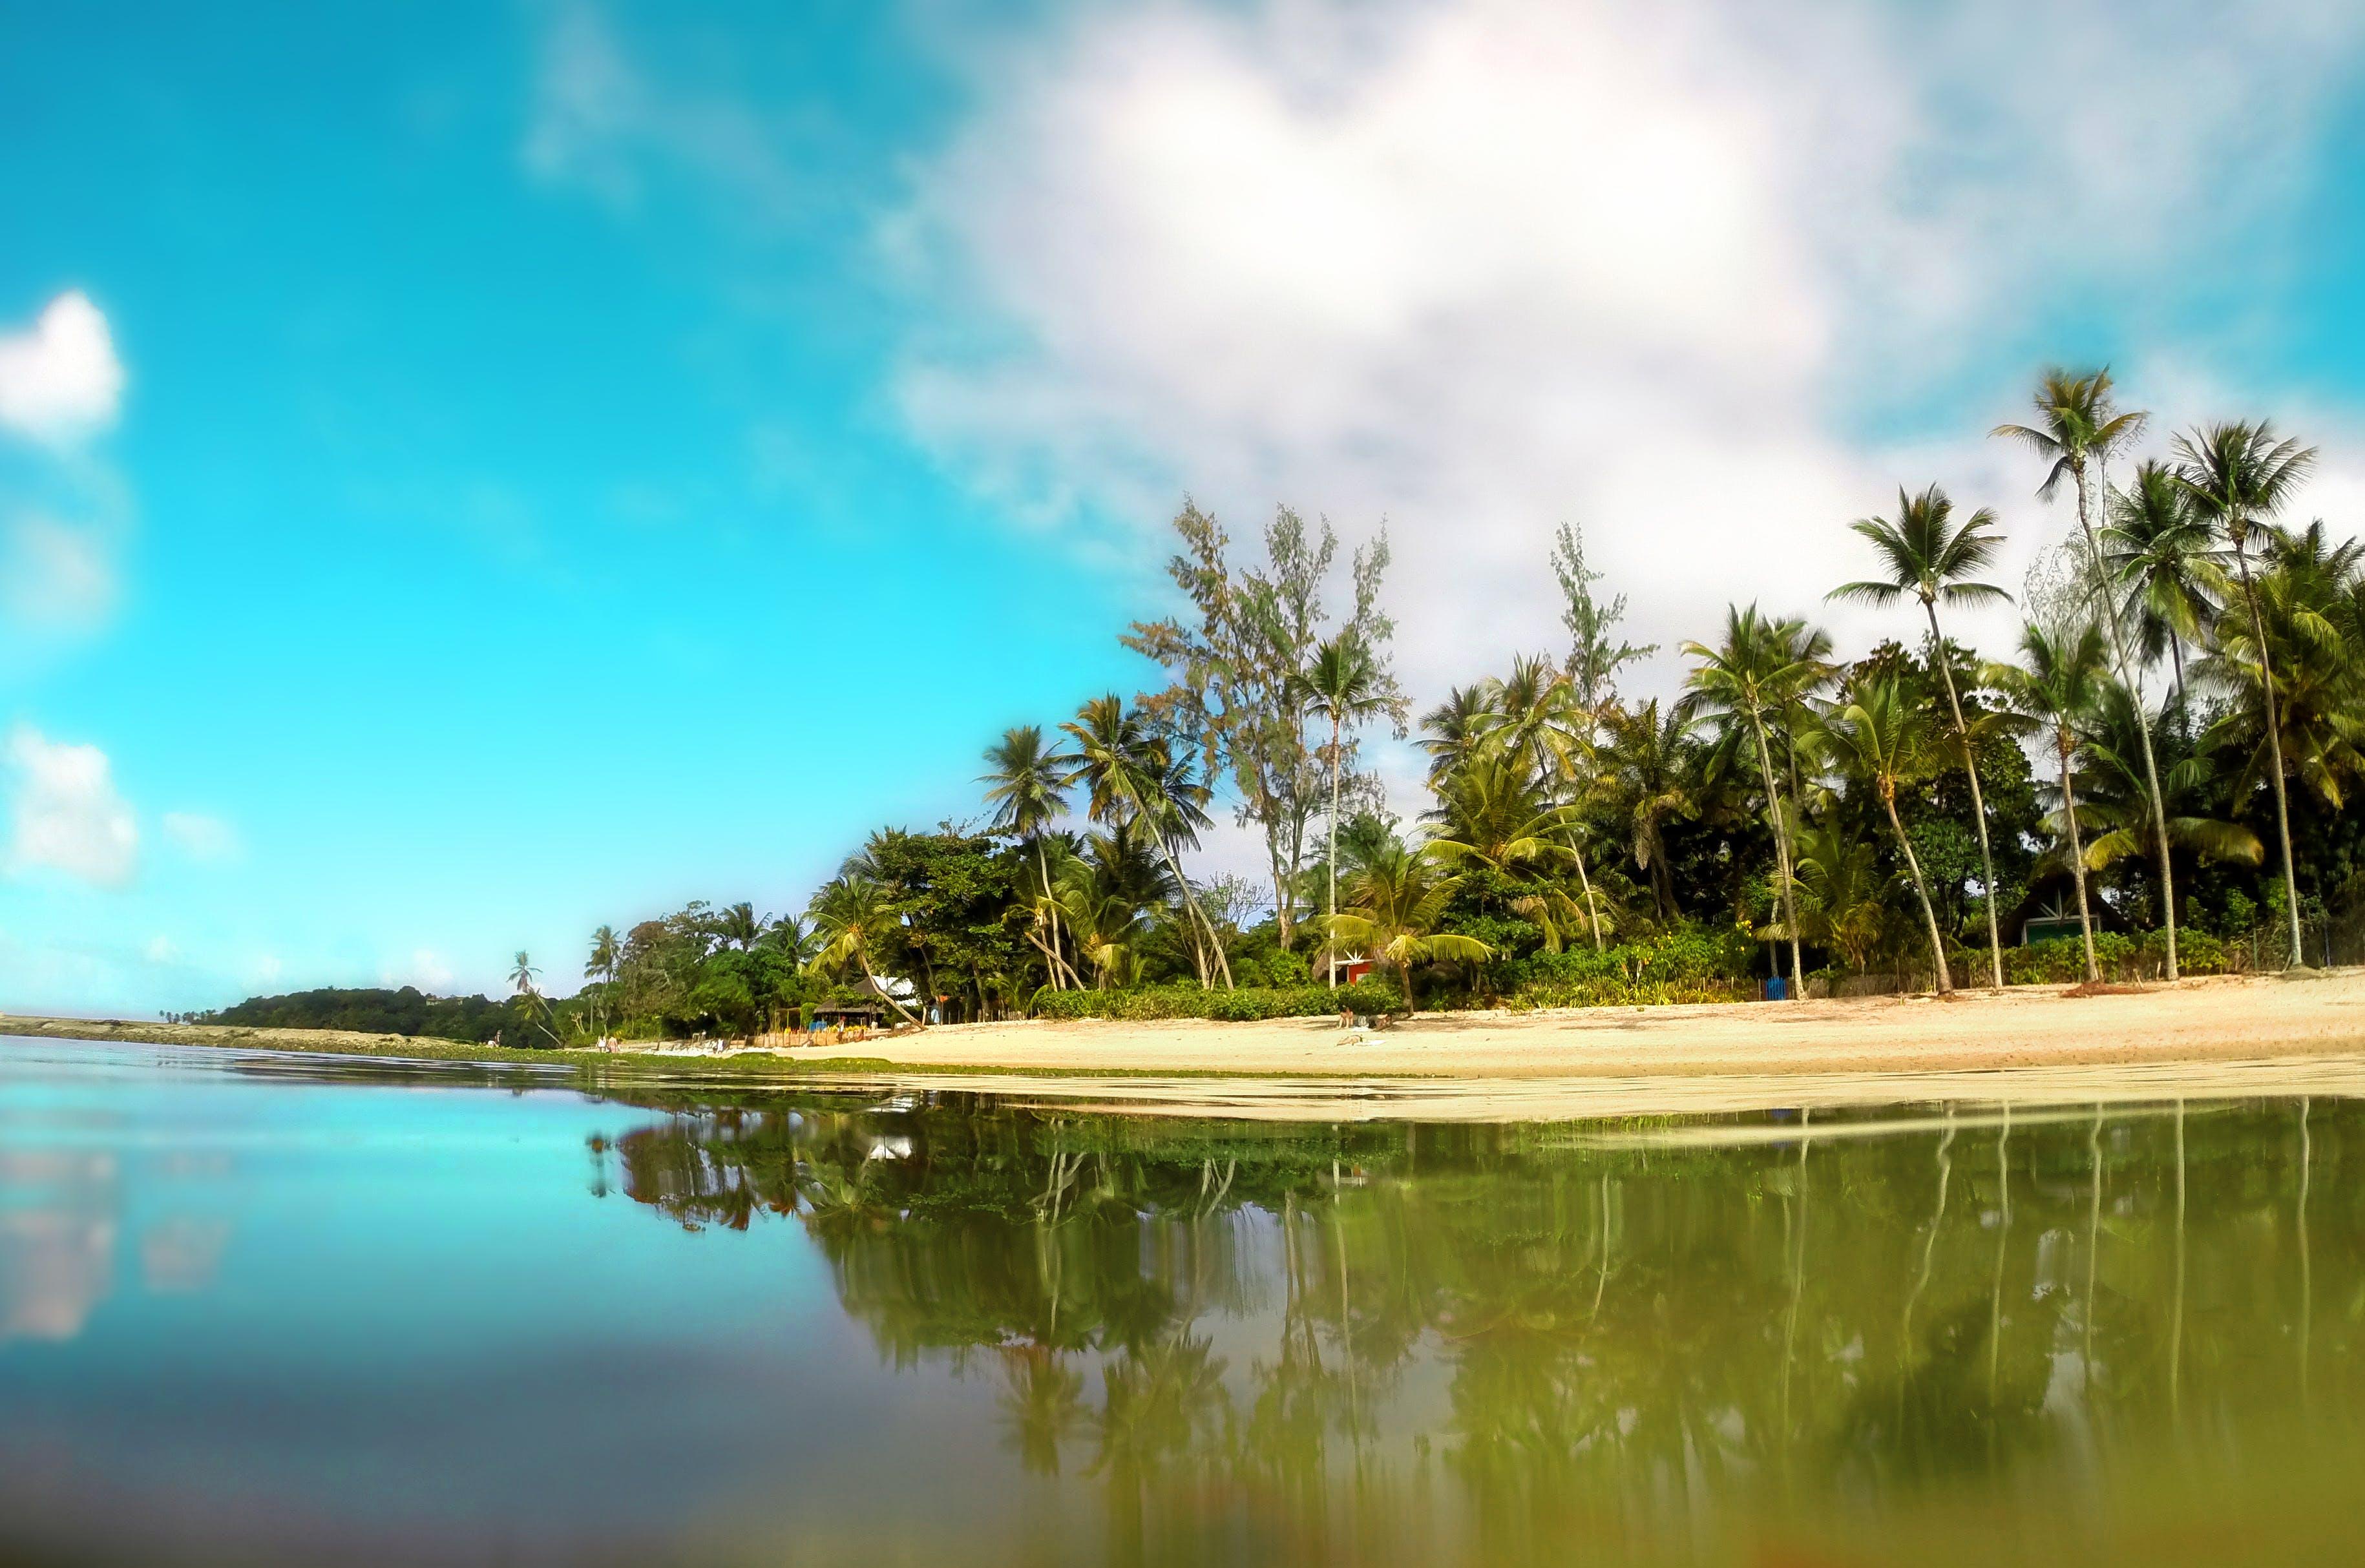 Kostenloses Stock Foto zu bäume, himmel, kokosnussbäume, landschaft